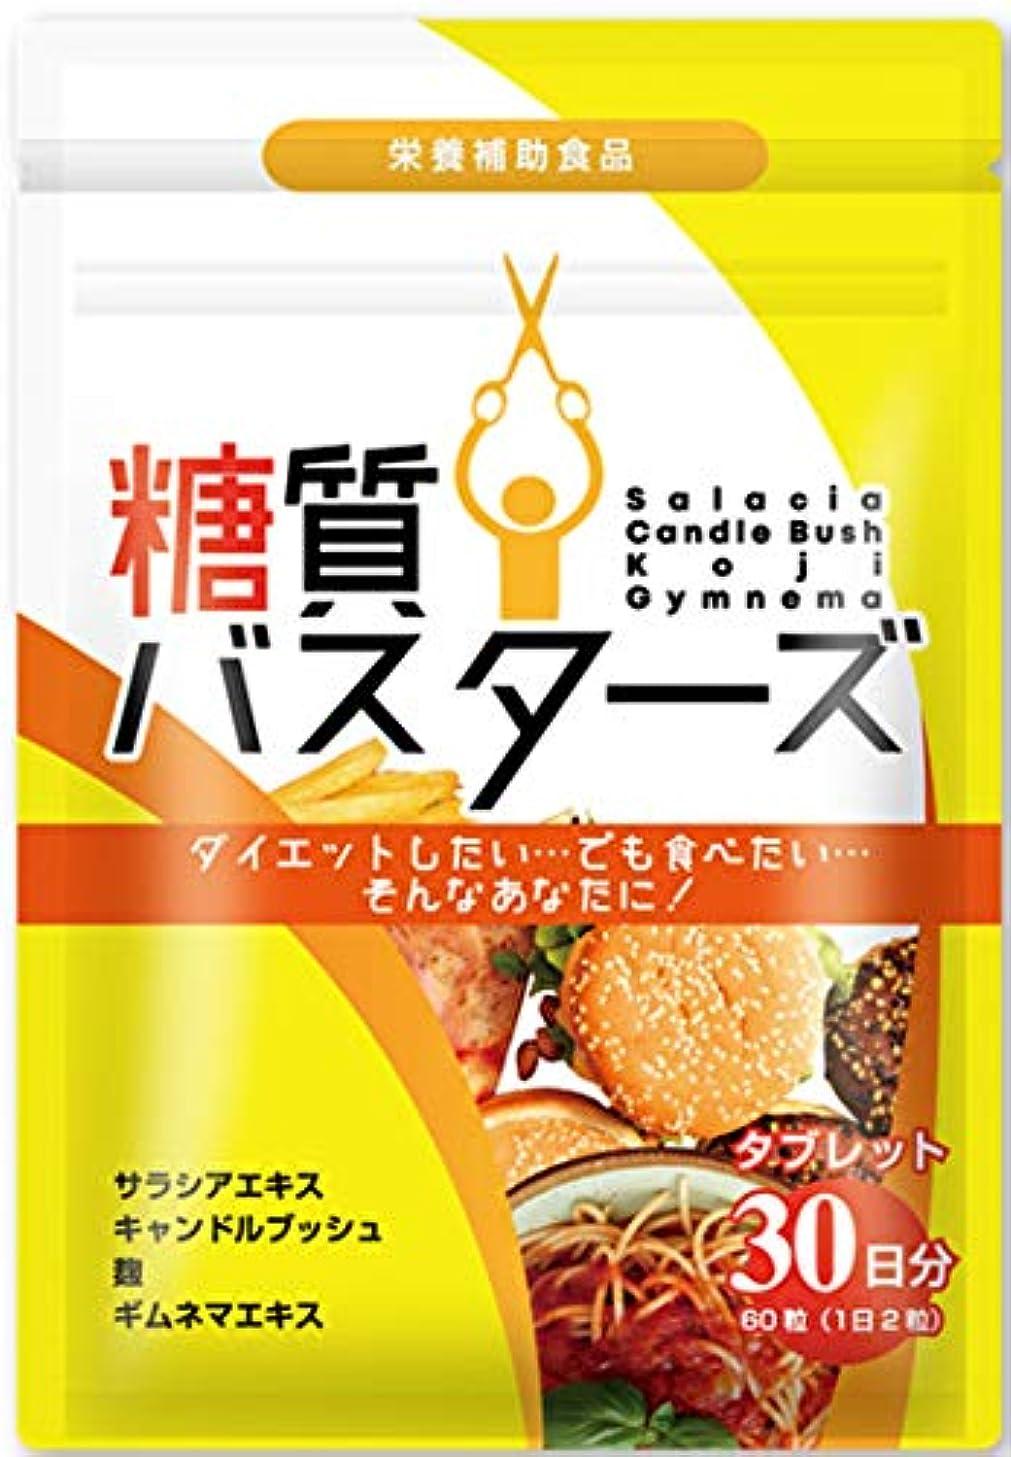 表現想像するプロジェクター糖質バスターズ (30日分) 糖質オフ 糖質カット 糖質制限 ダイエット 糖質 サラシア サプリ